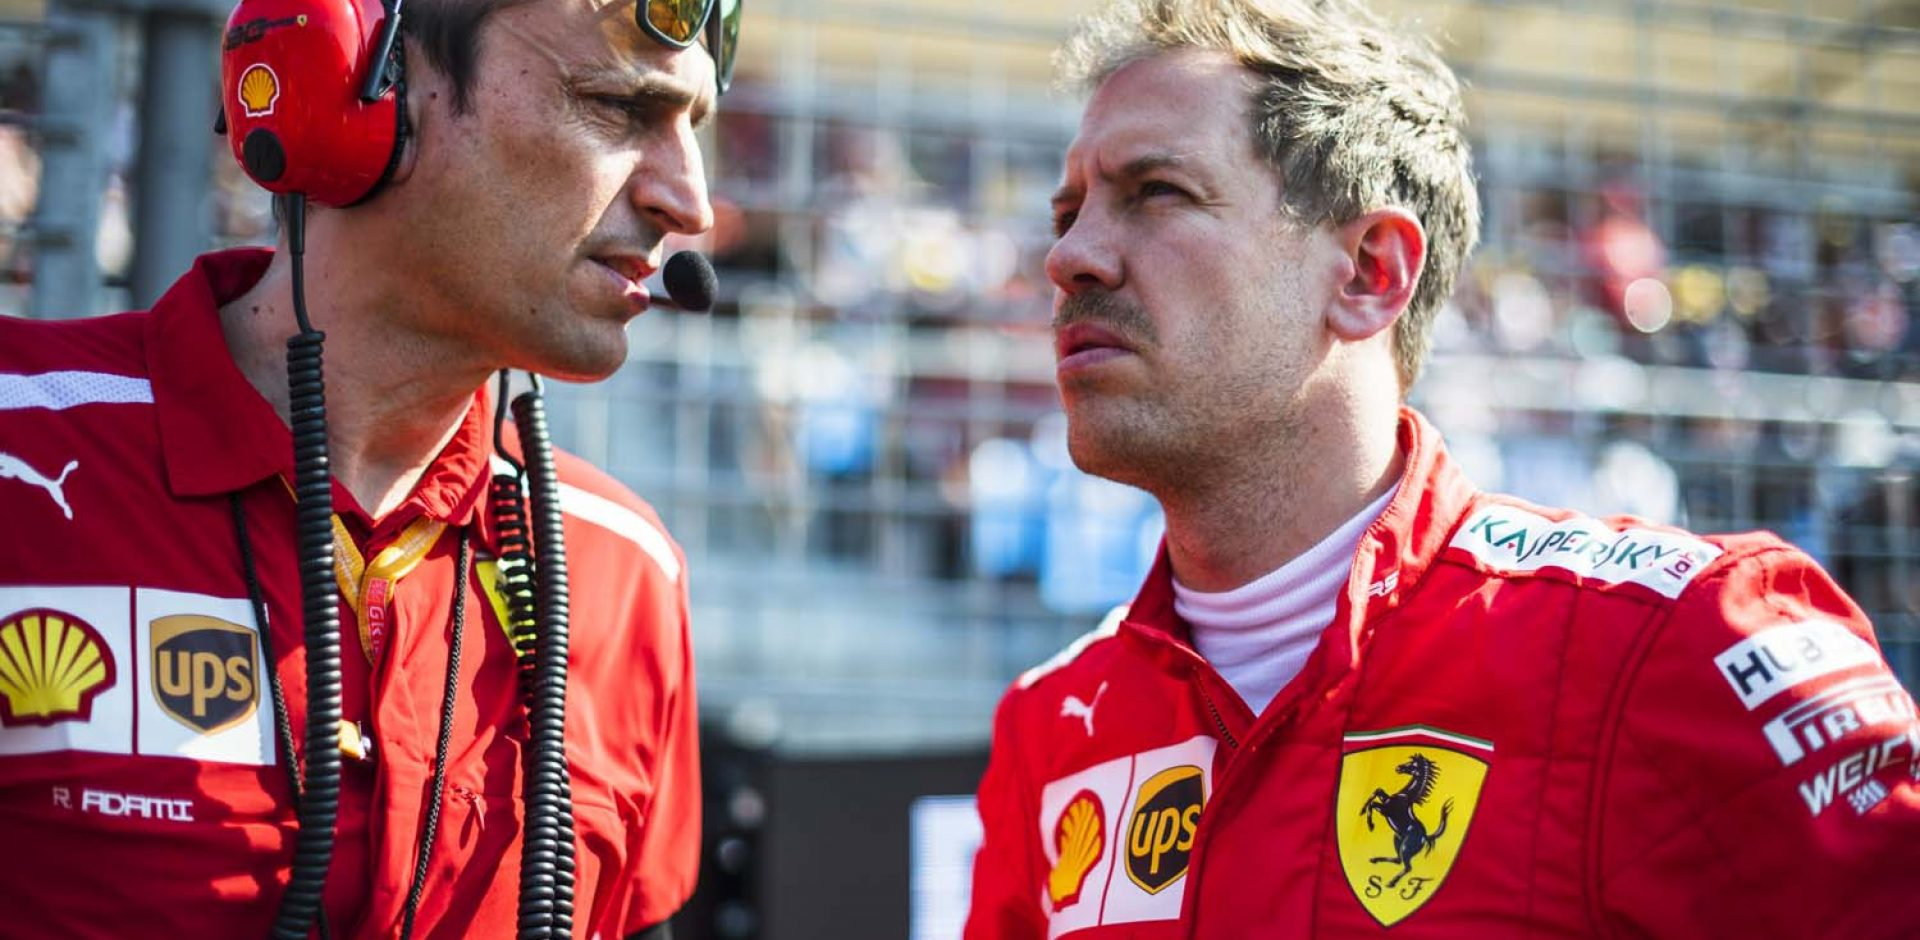 Sebastian Vettel, Ferrari, Melbourne